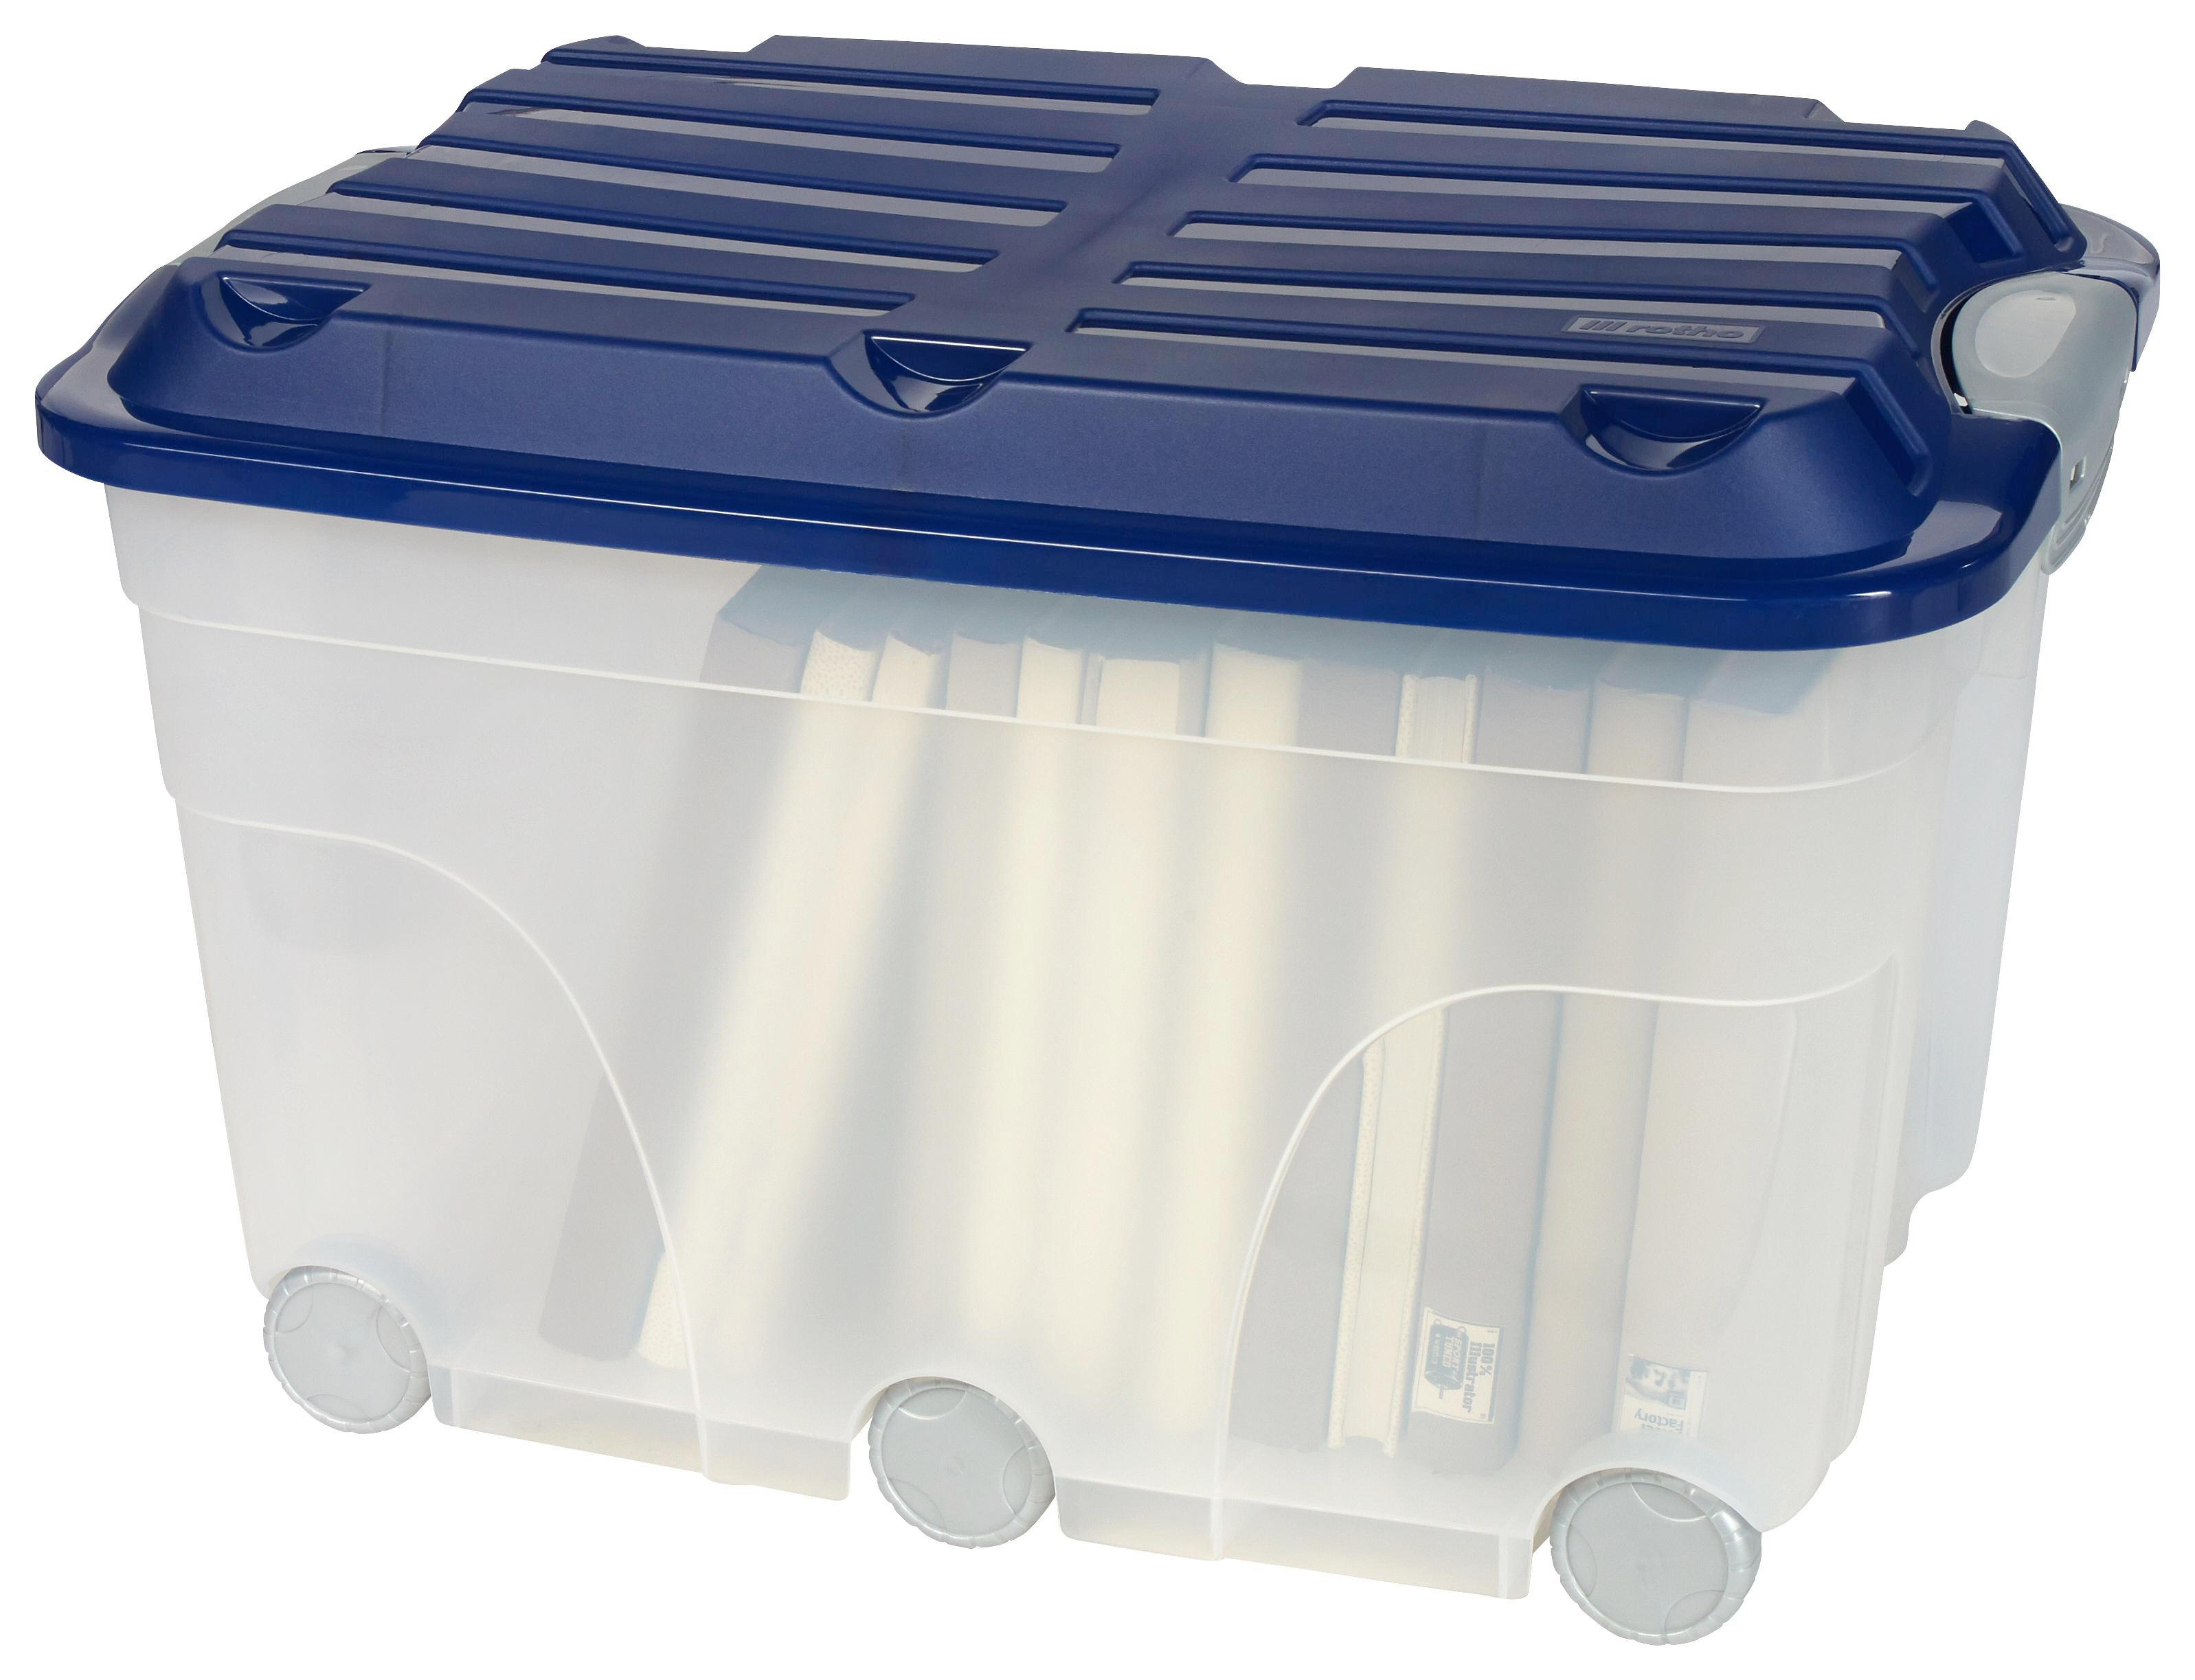 Rollbox kunststoff  Rollbox Preisvergleich • Die besten Angebote online kaufen